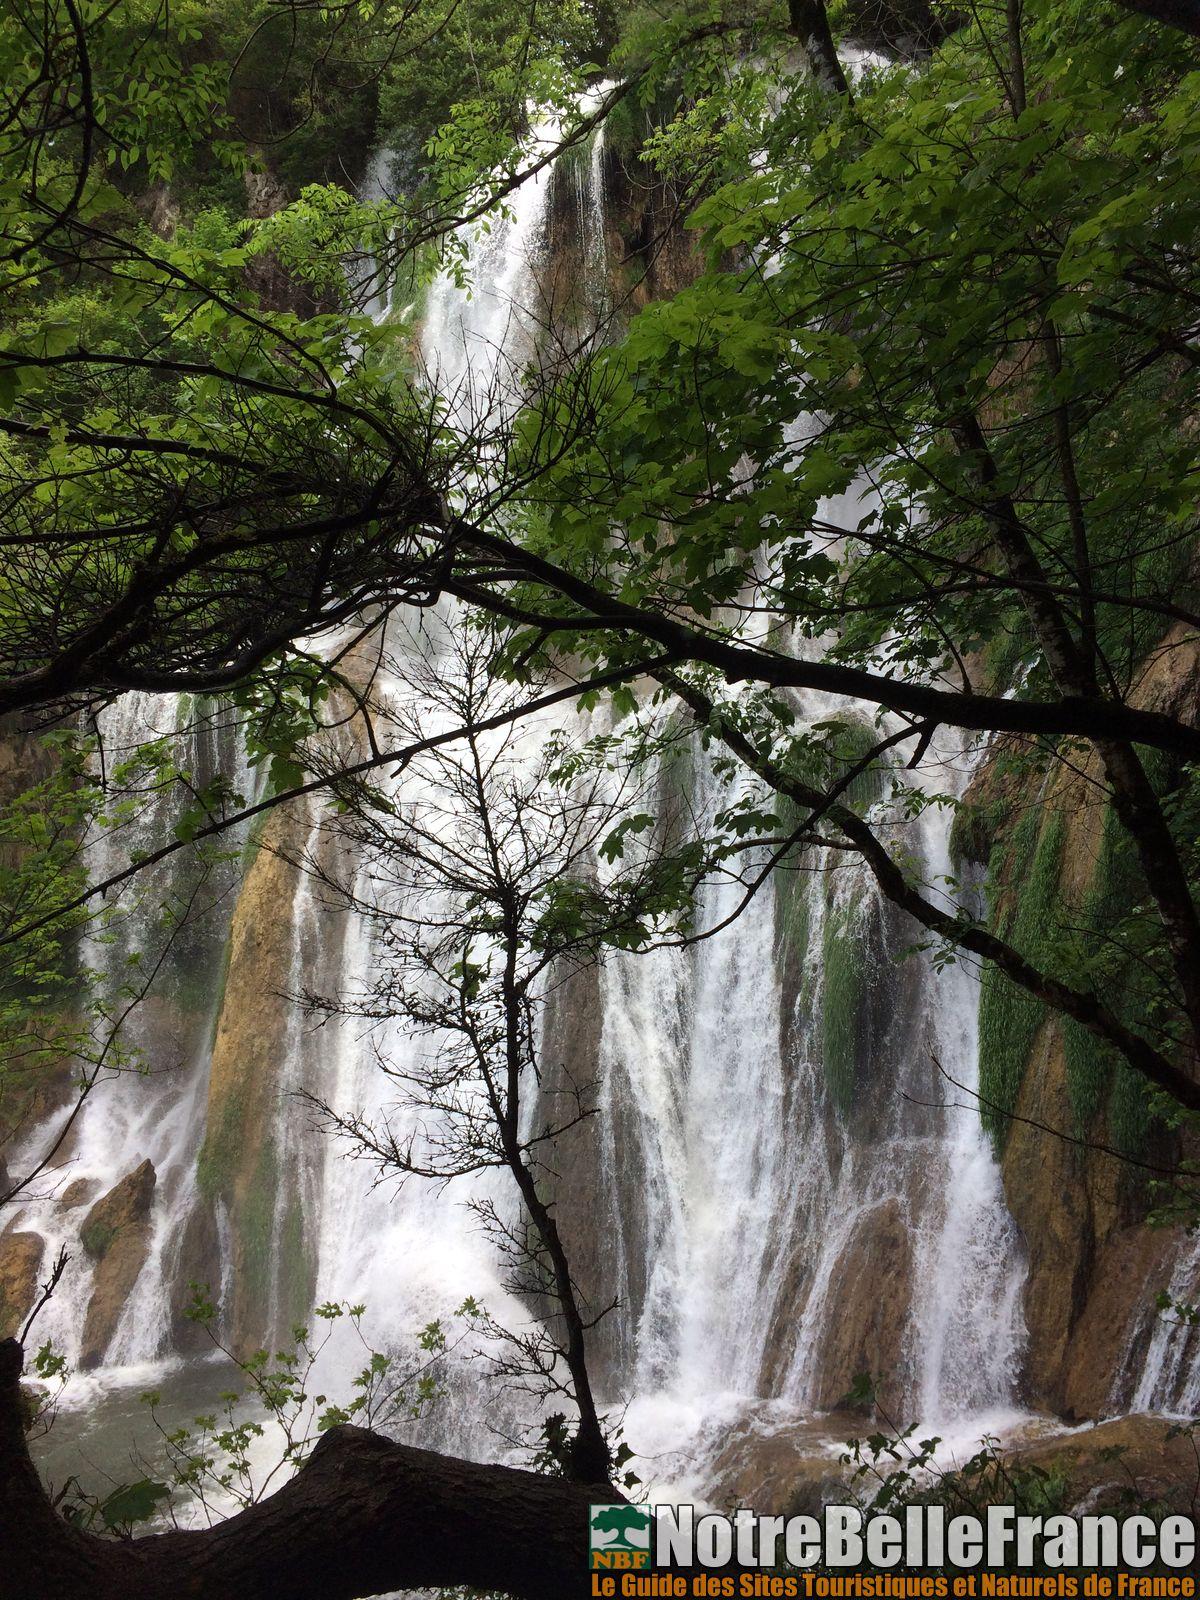 Top Sites naturels de l'Ain - Notrebellefrance LV99